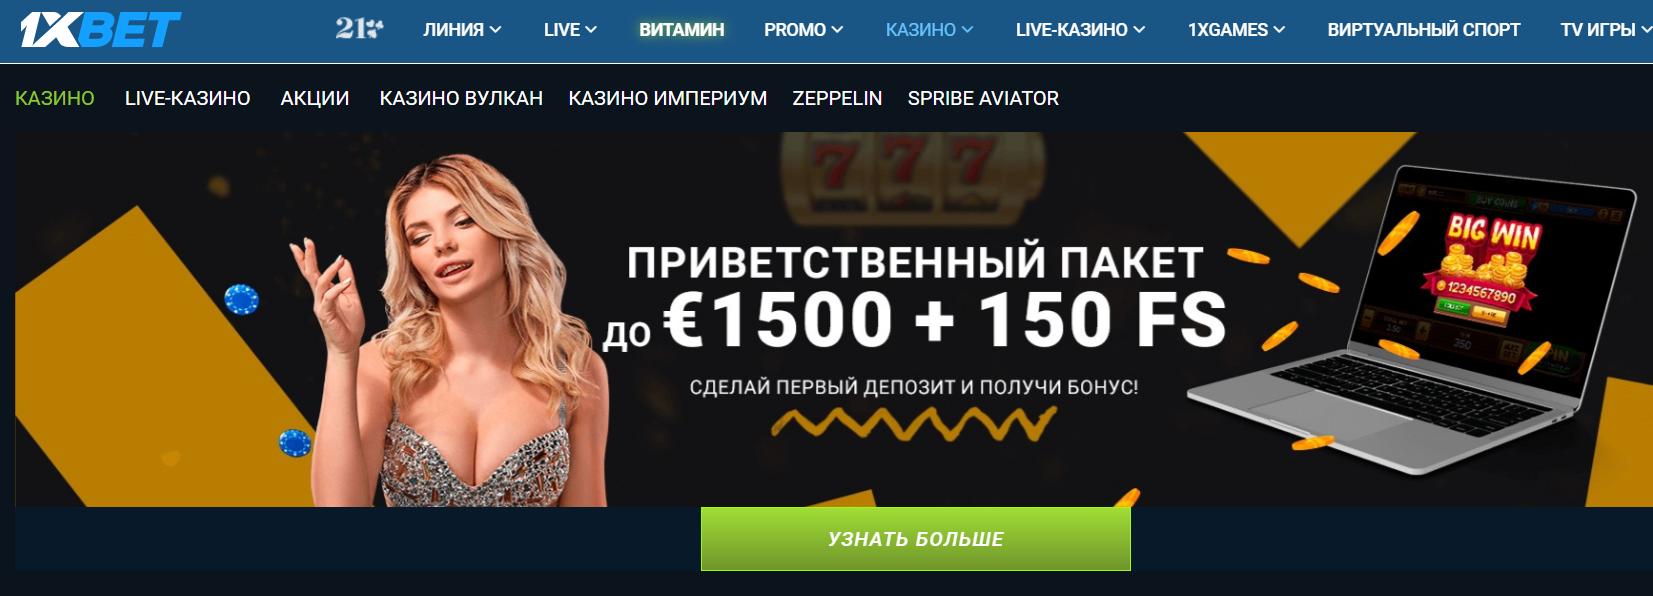 1xbet регистрация в казино